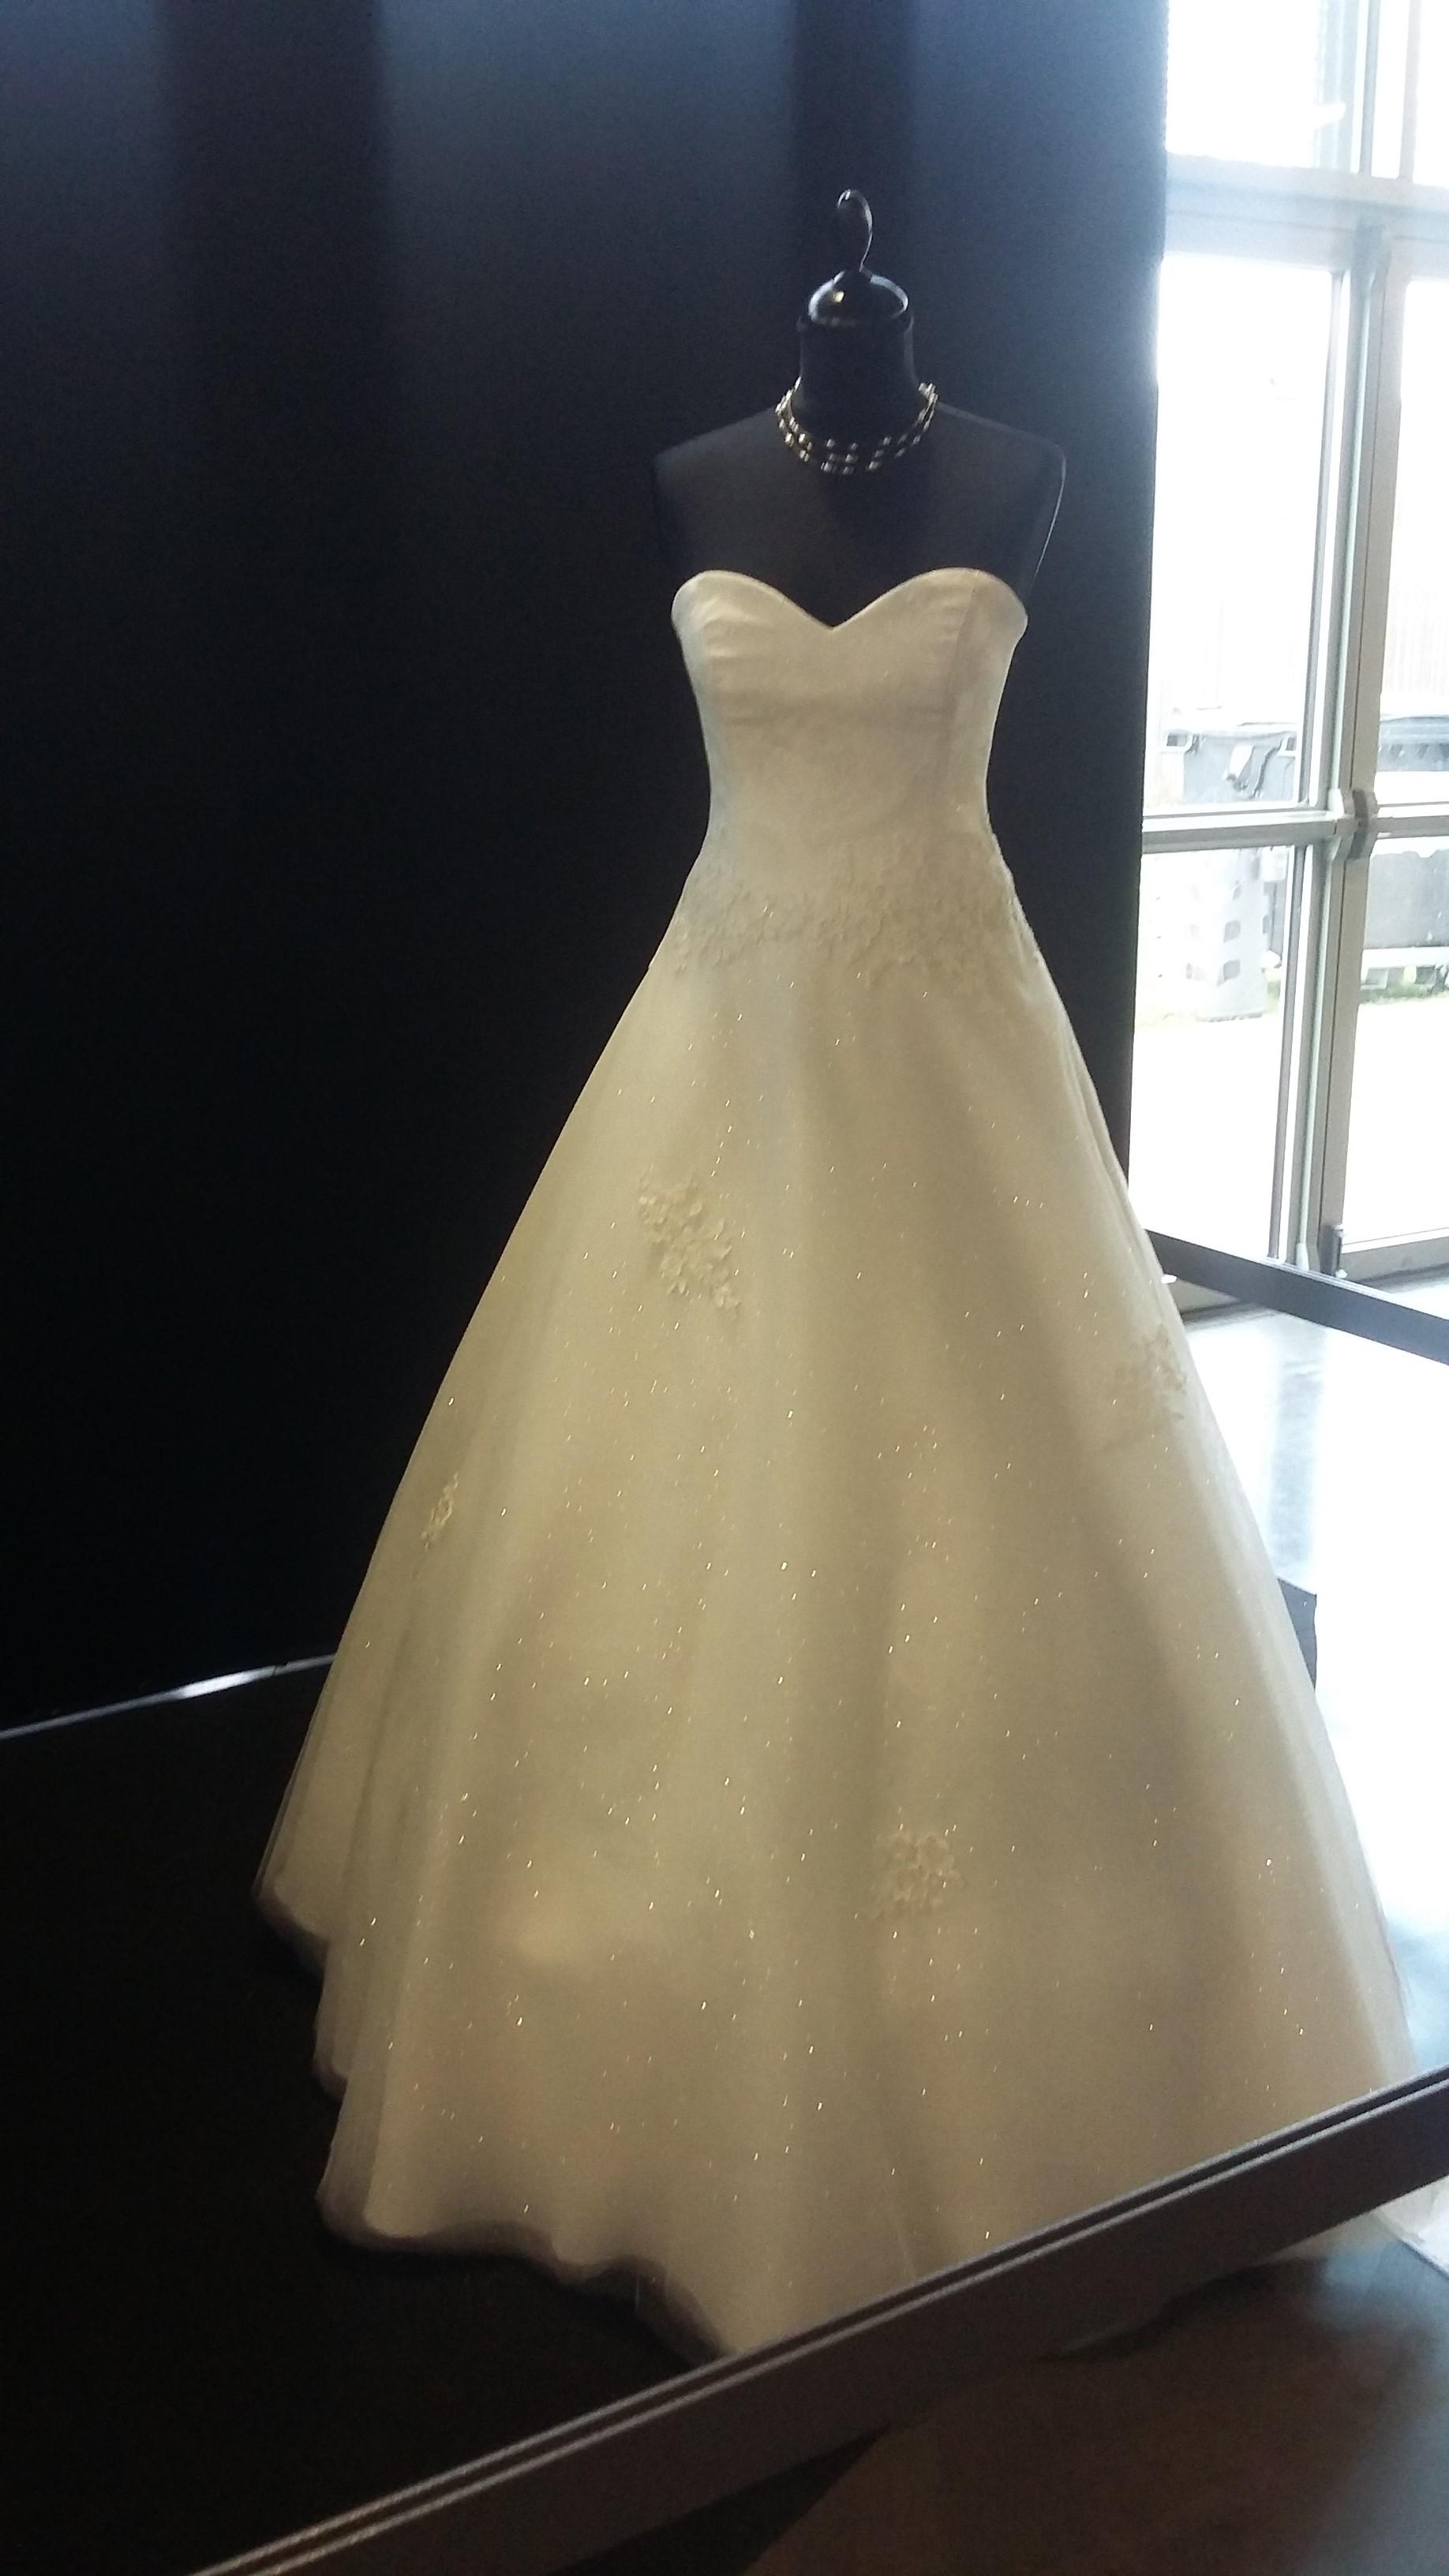 Robe de mariée à domicile - LYDIA - robe princesse - Cholet - Boutique de mariage 49 -, robe de mariée pas cher